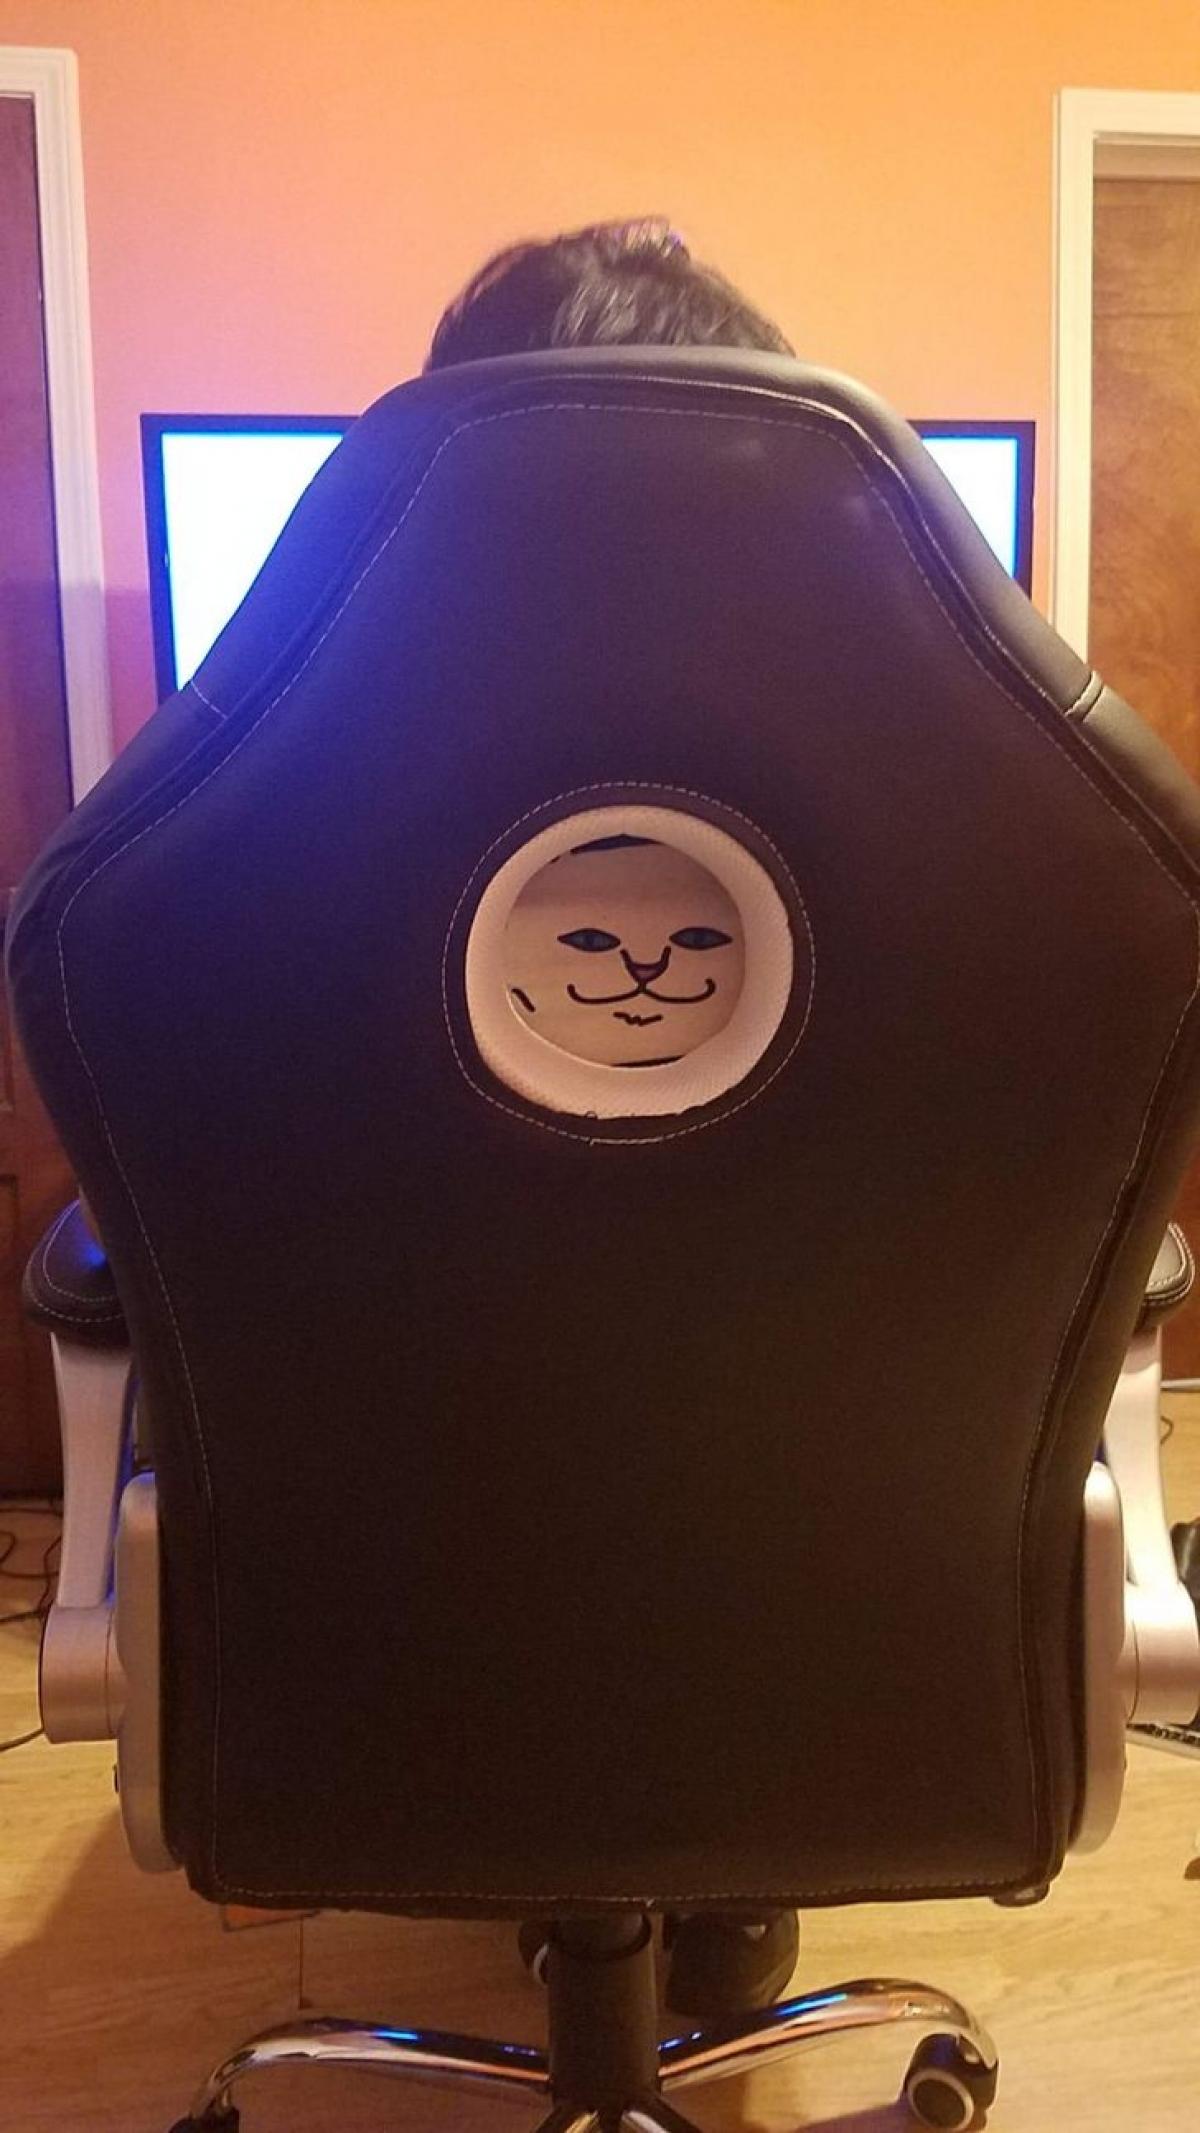 Chỉ là hình mặt cười trên chiếc áo nỉ của tôi vừa đúng với lỗ của chiếc ghế.